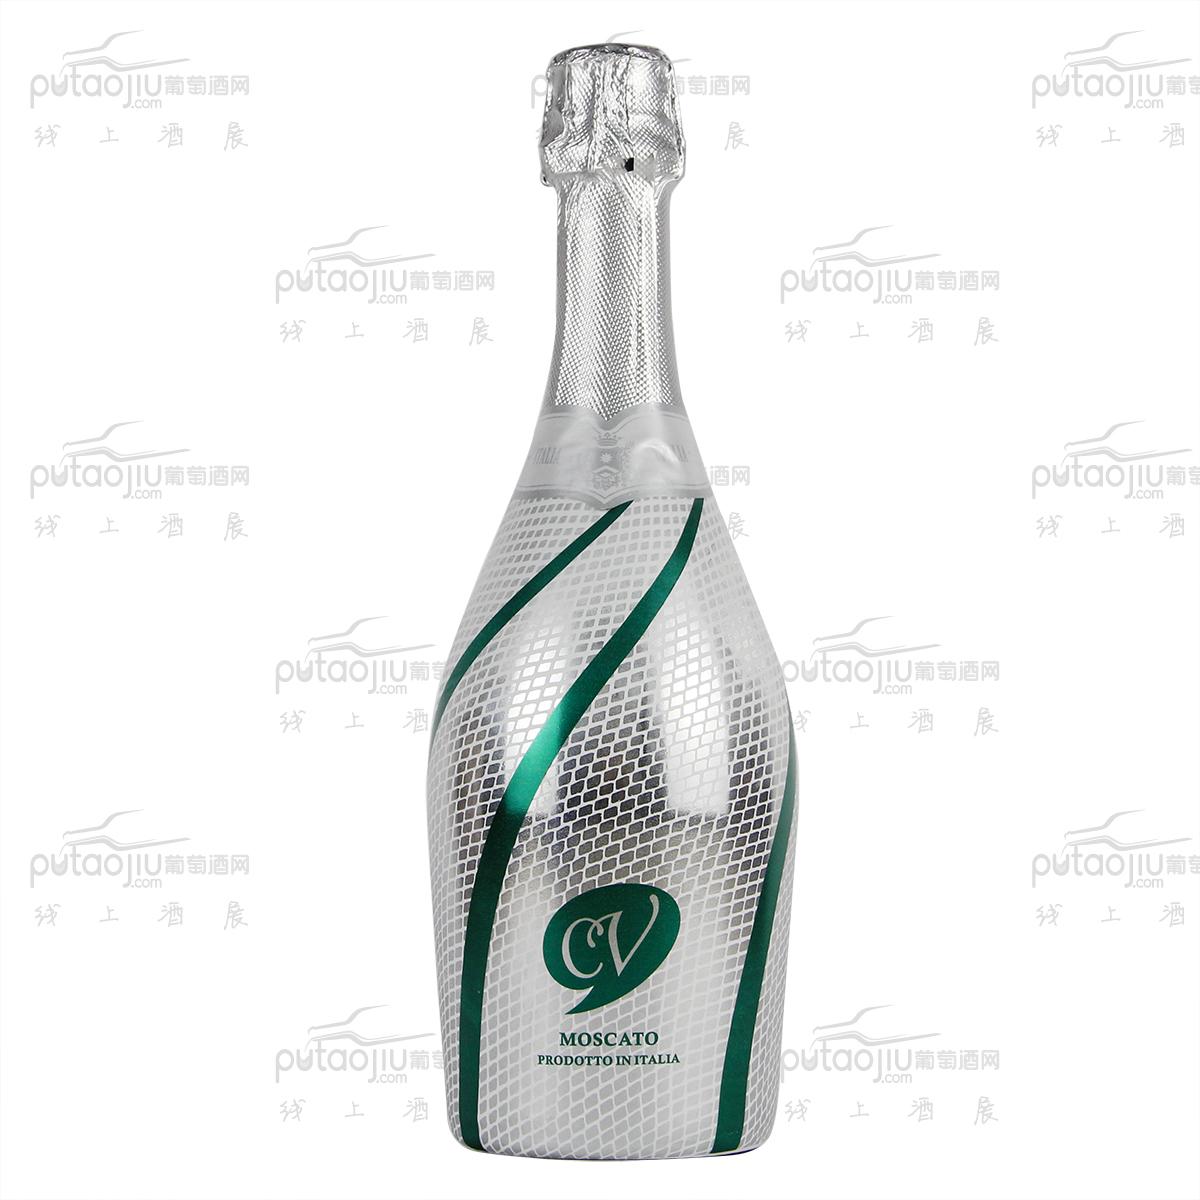 意大利艾米利亚万多酒庄莫斯卡托璀璨VDT起泡酒